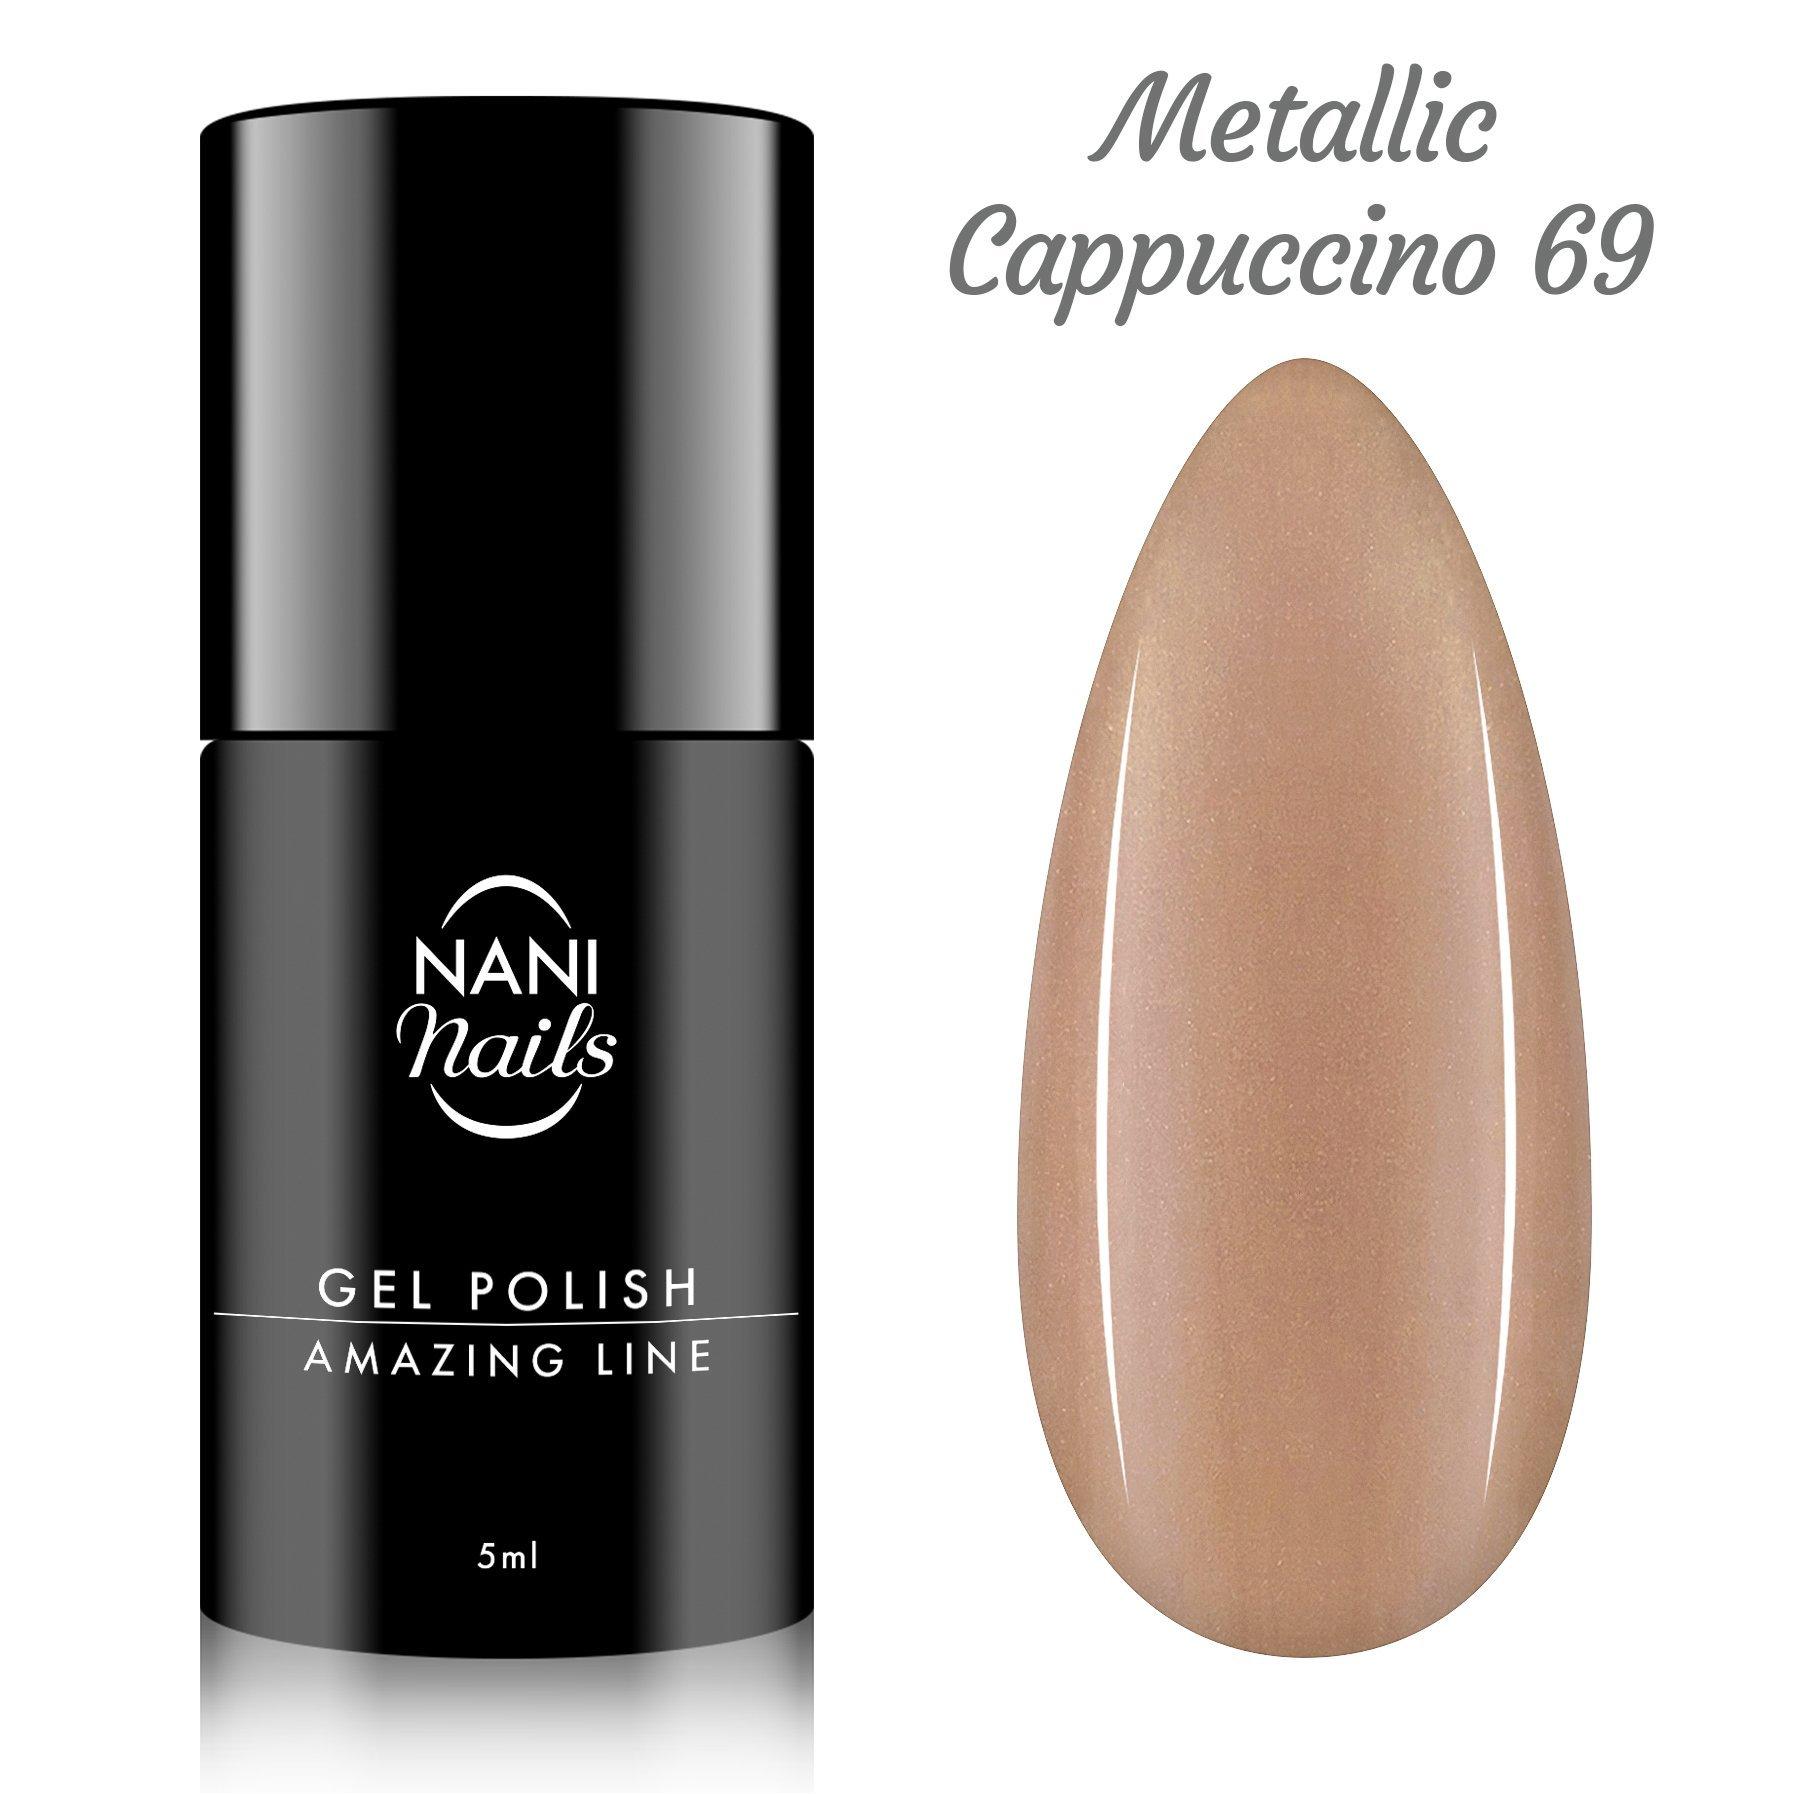 NANI gél lak Amazing Line 5 ml - Metallic Cappuccino